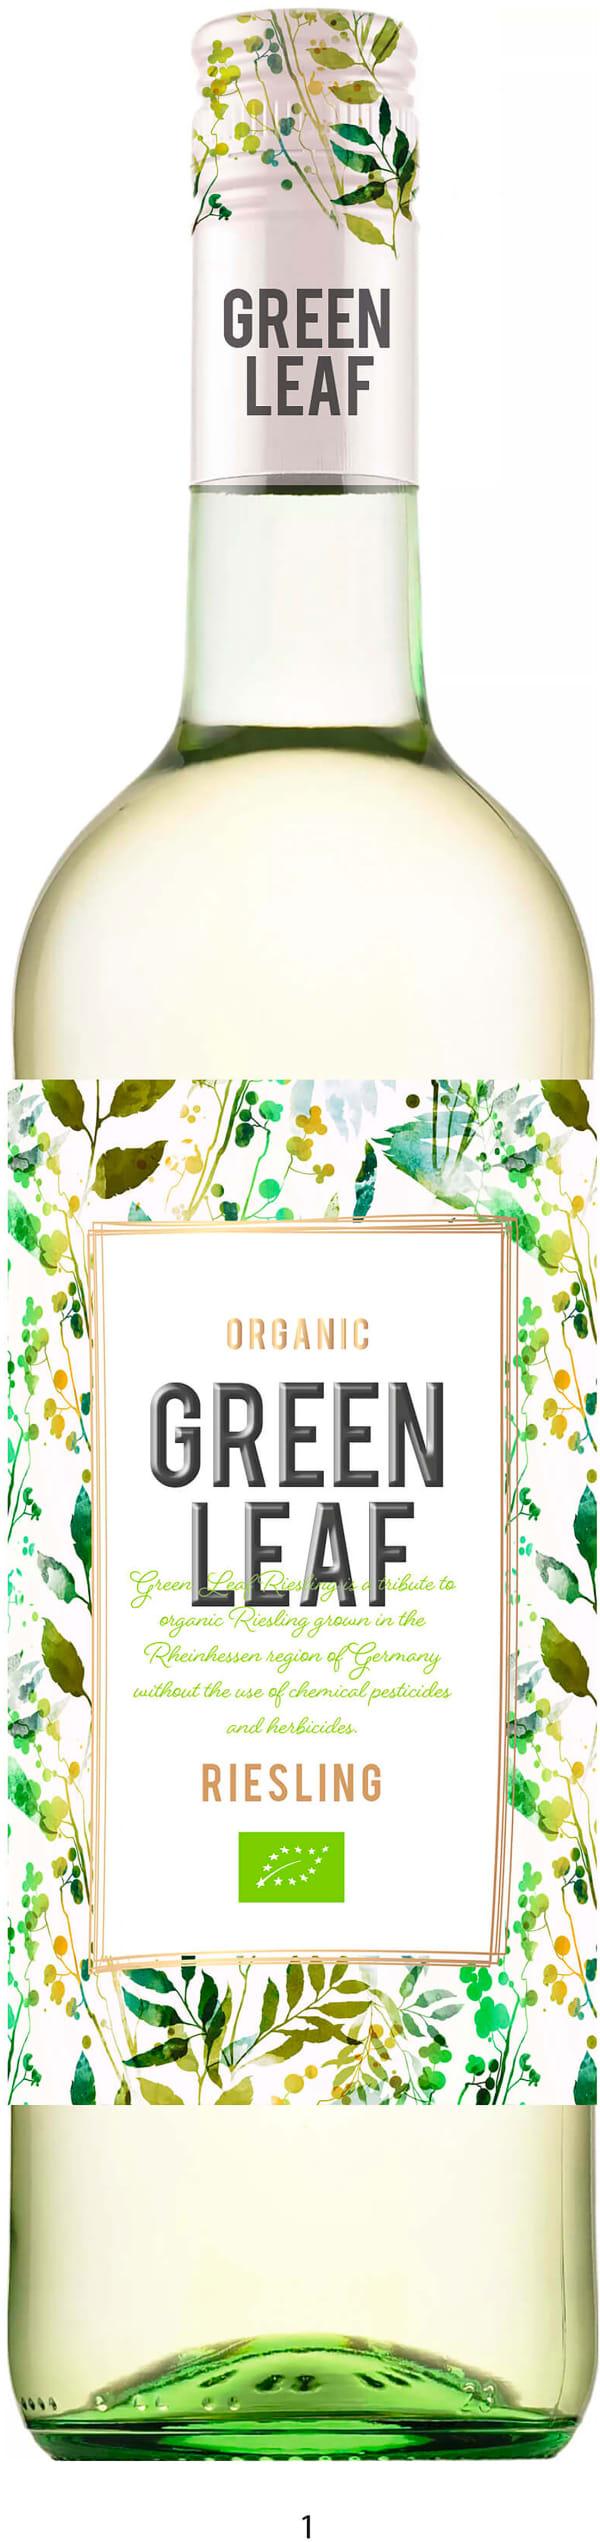 Greenleaf Organic Riesling 2019